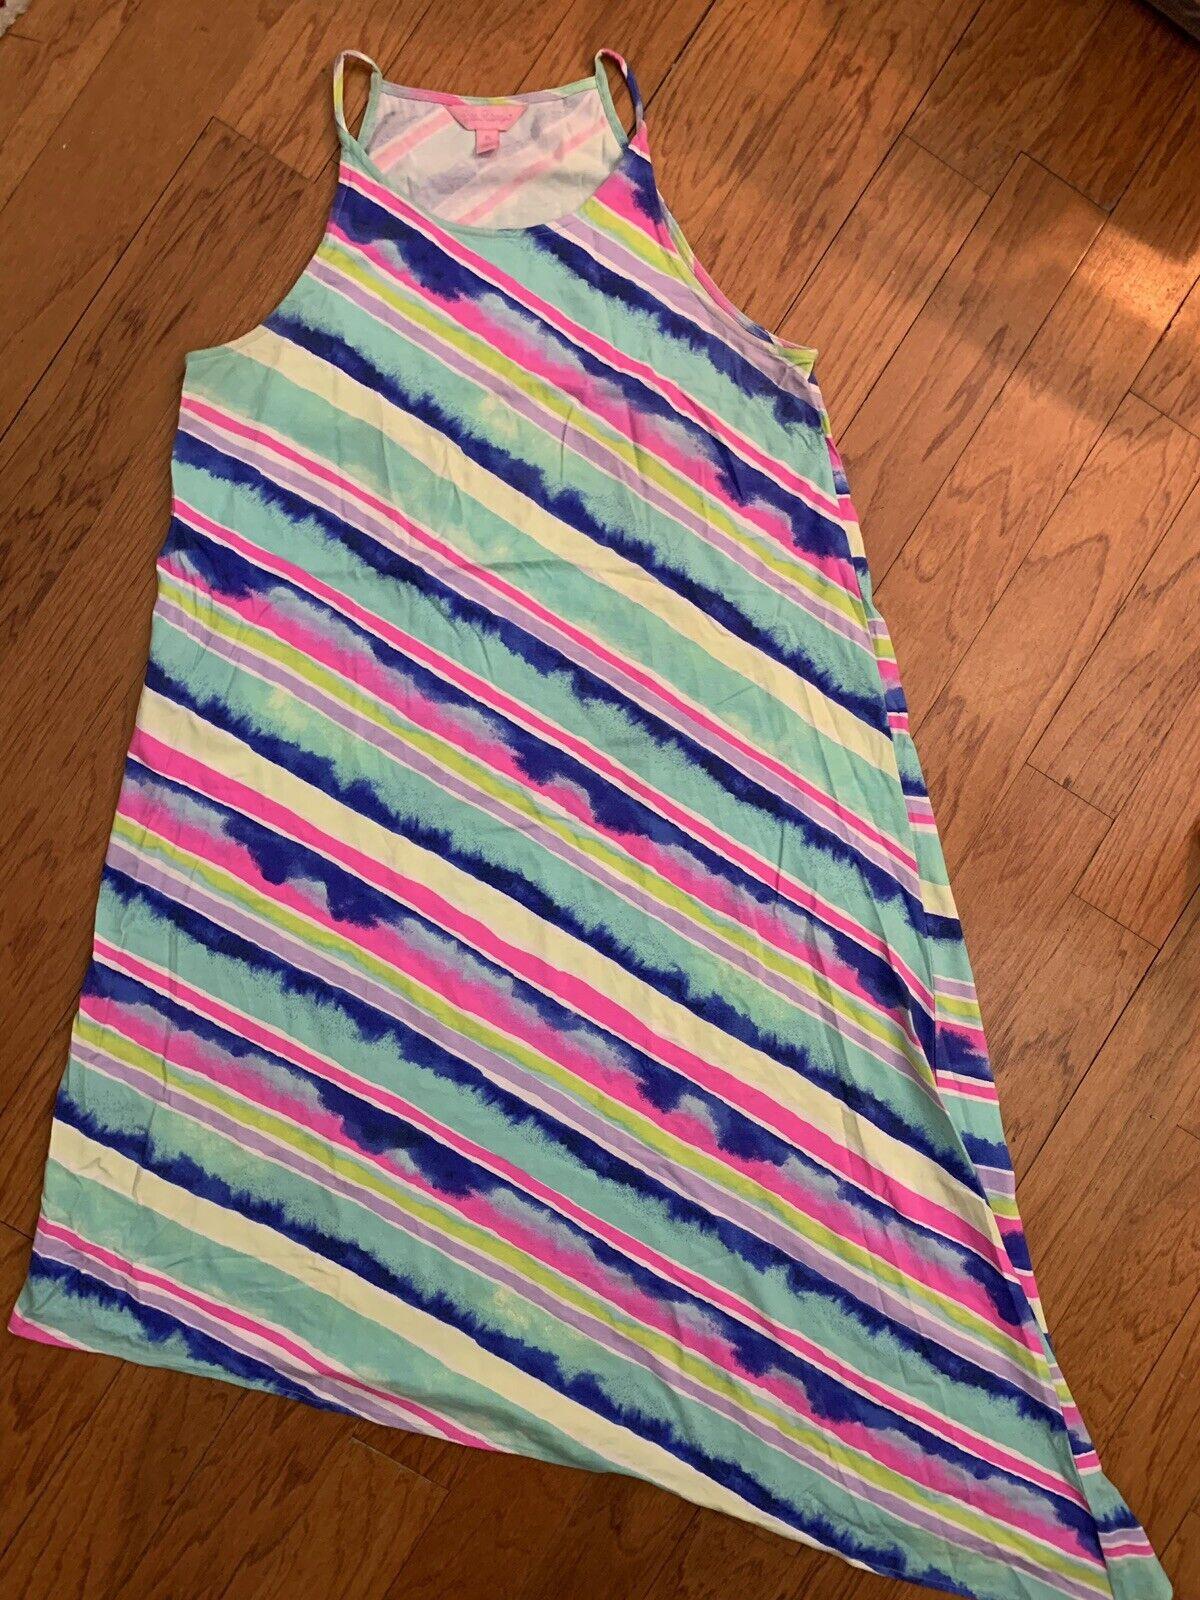 Lilly Pulitzer Magnolia Midi Dress In Multi Ceviche Stripe Diagonal Size XS